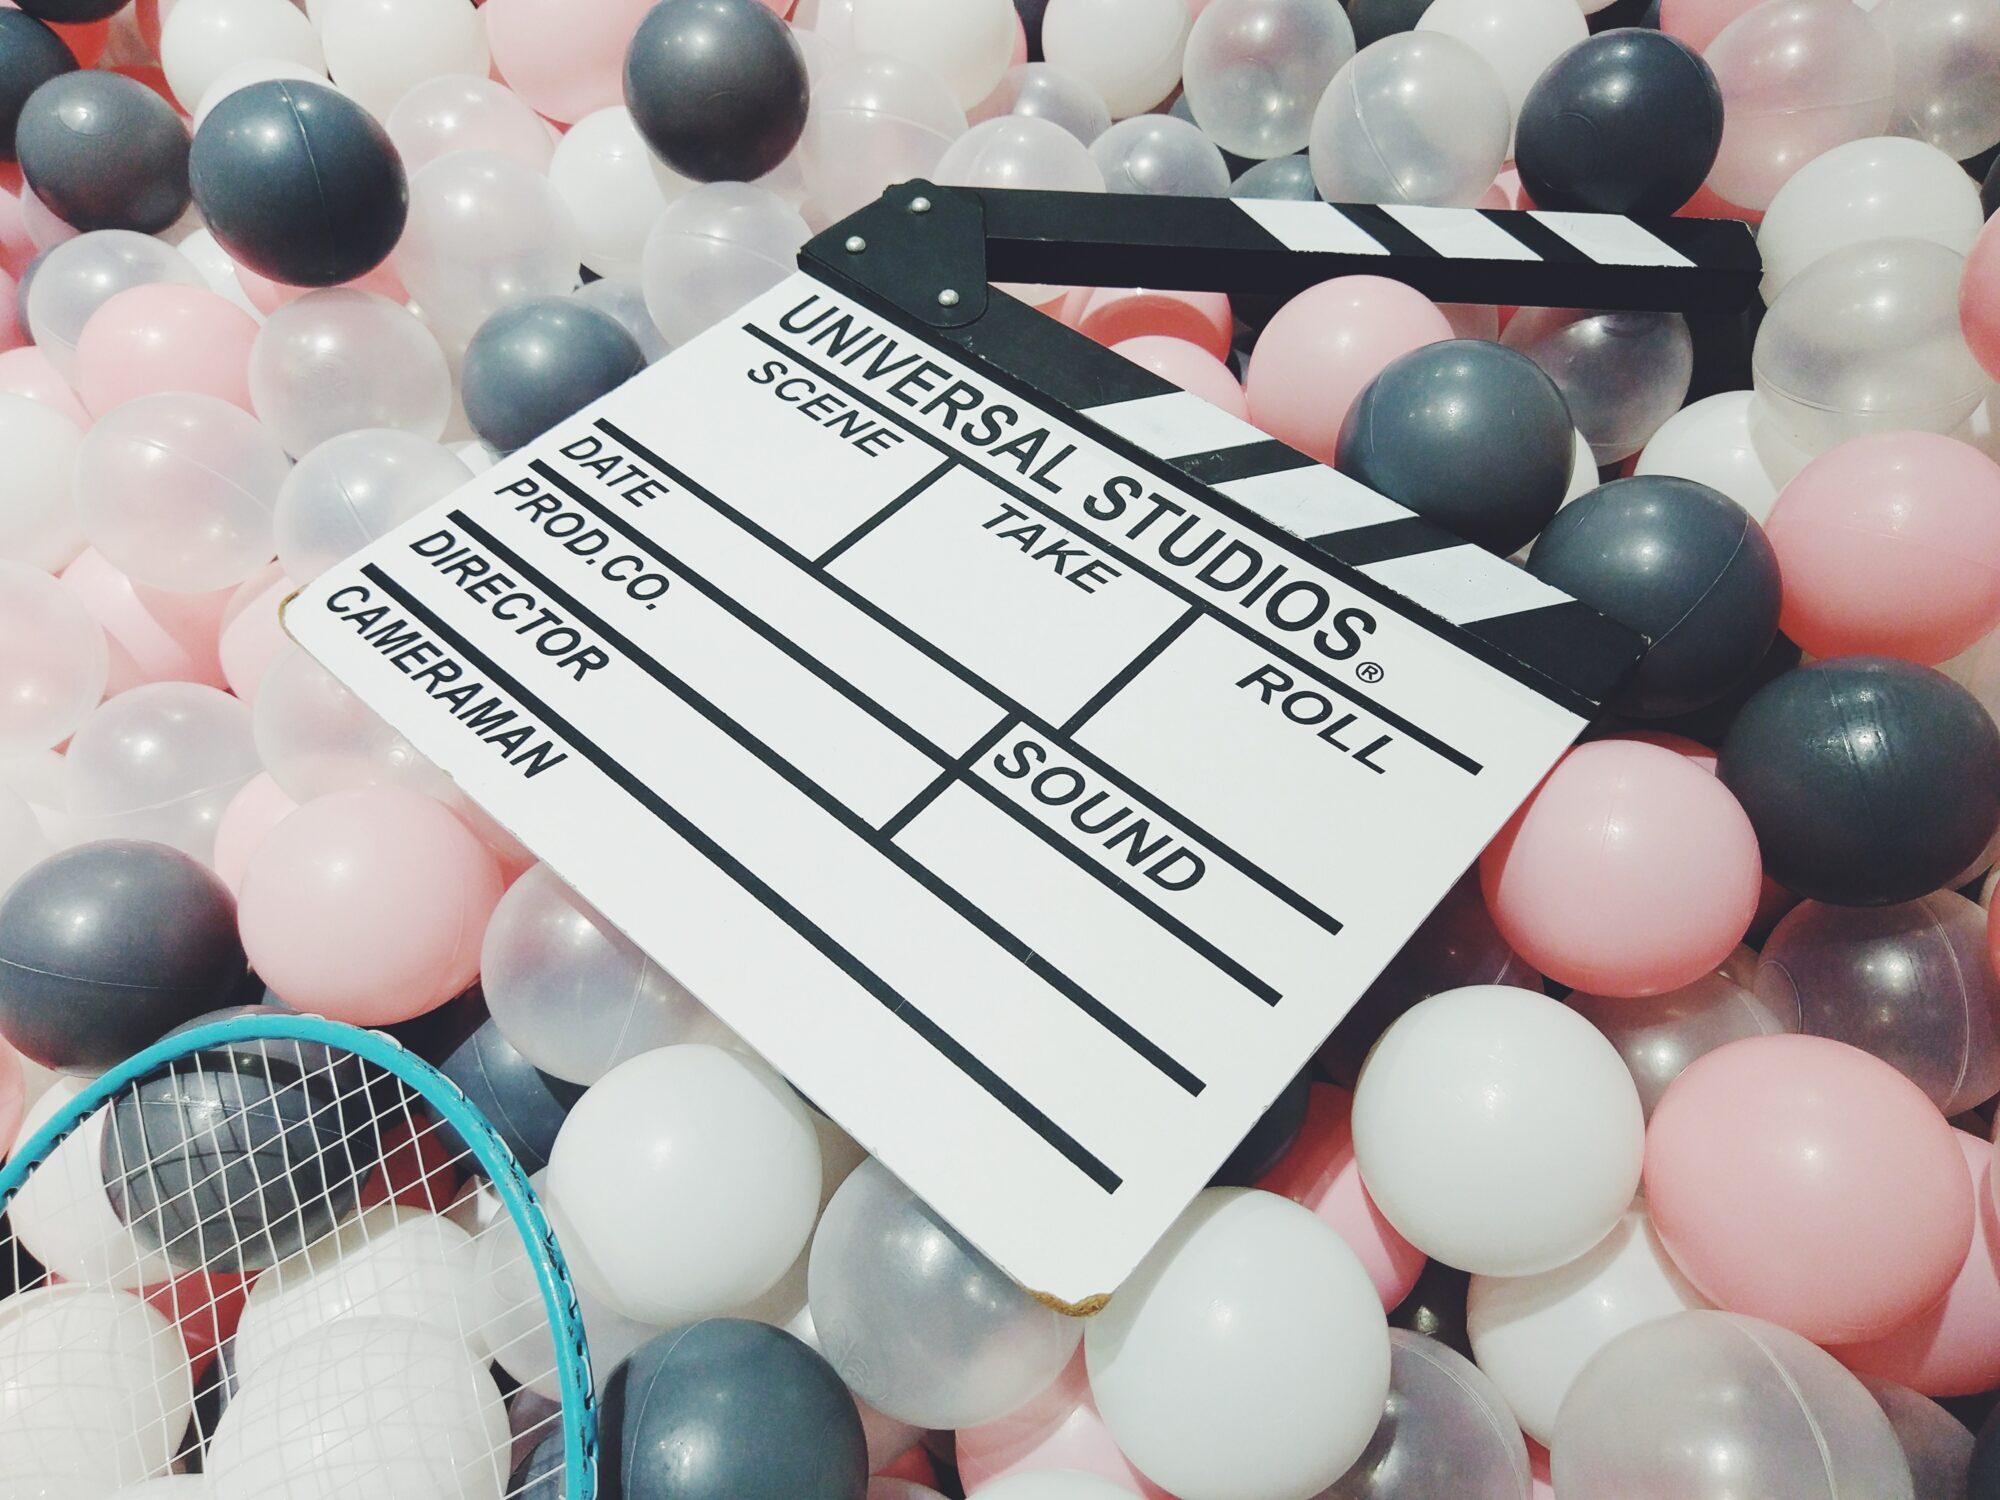 Czarno-biały klaps filmowy wśród kolorowych kulek.